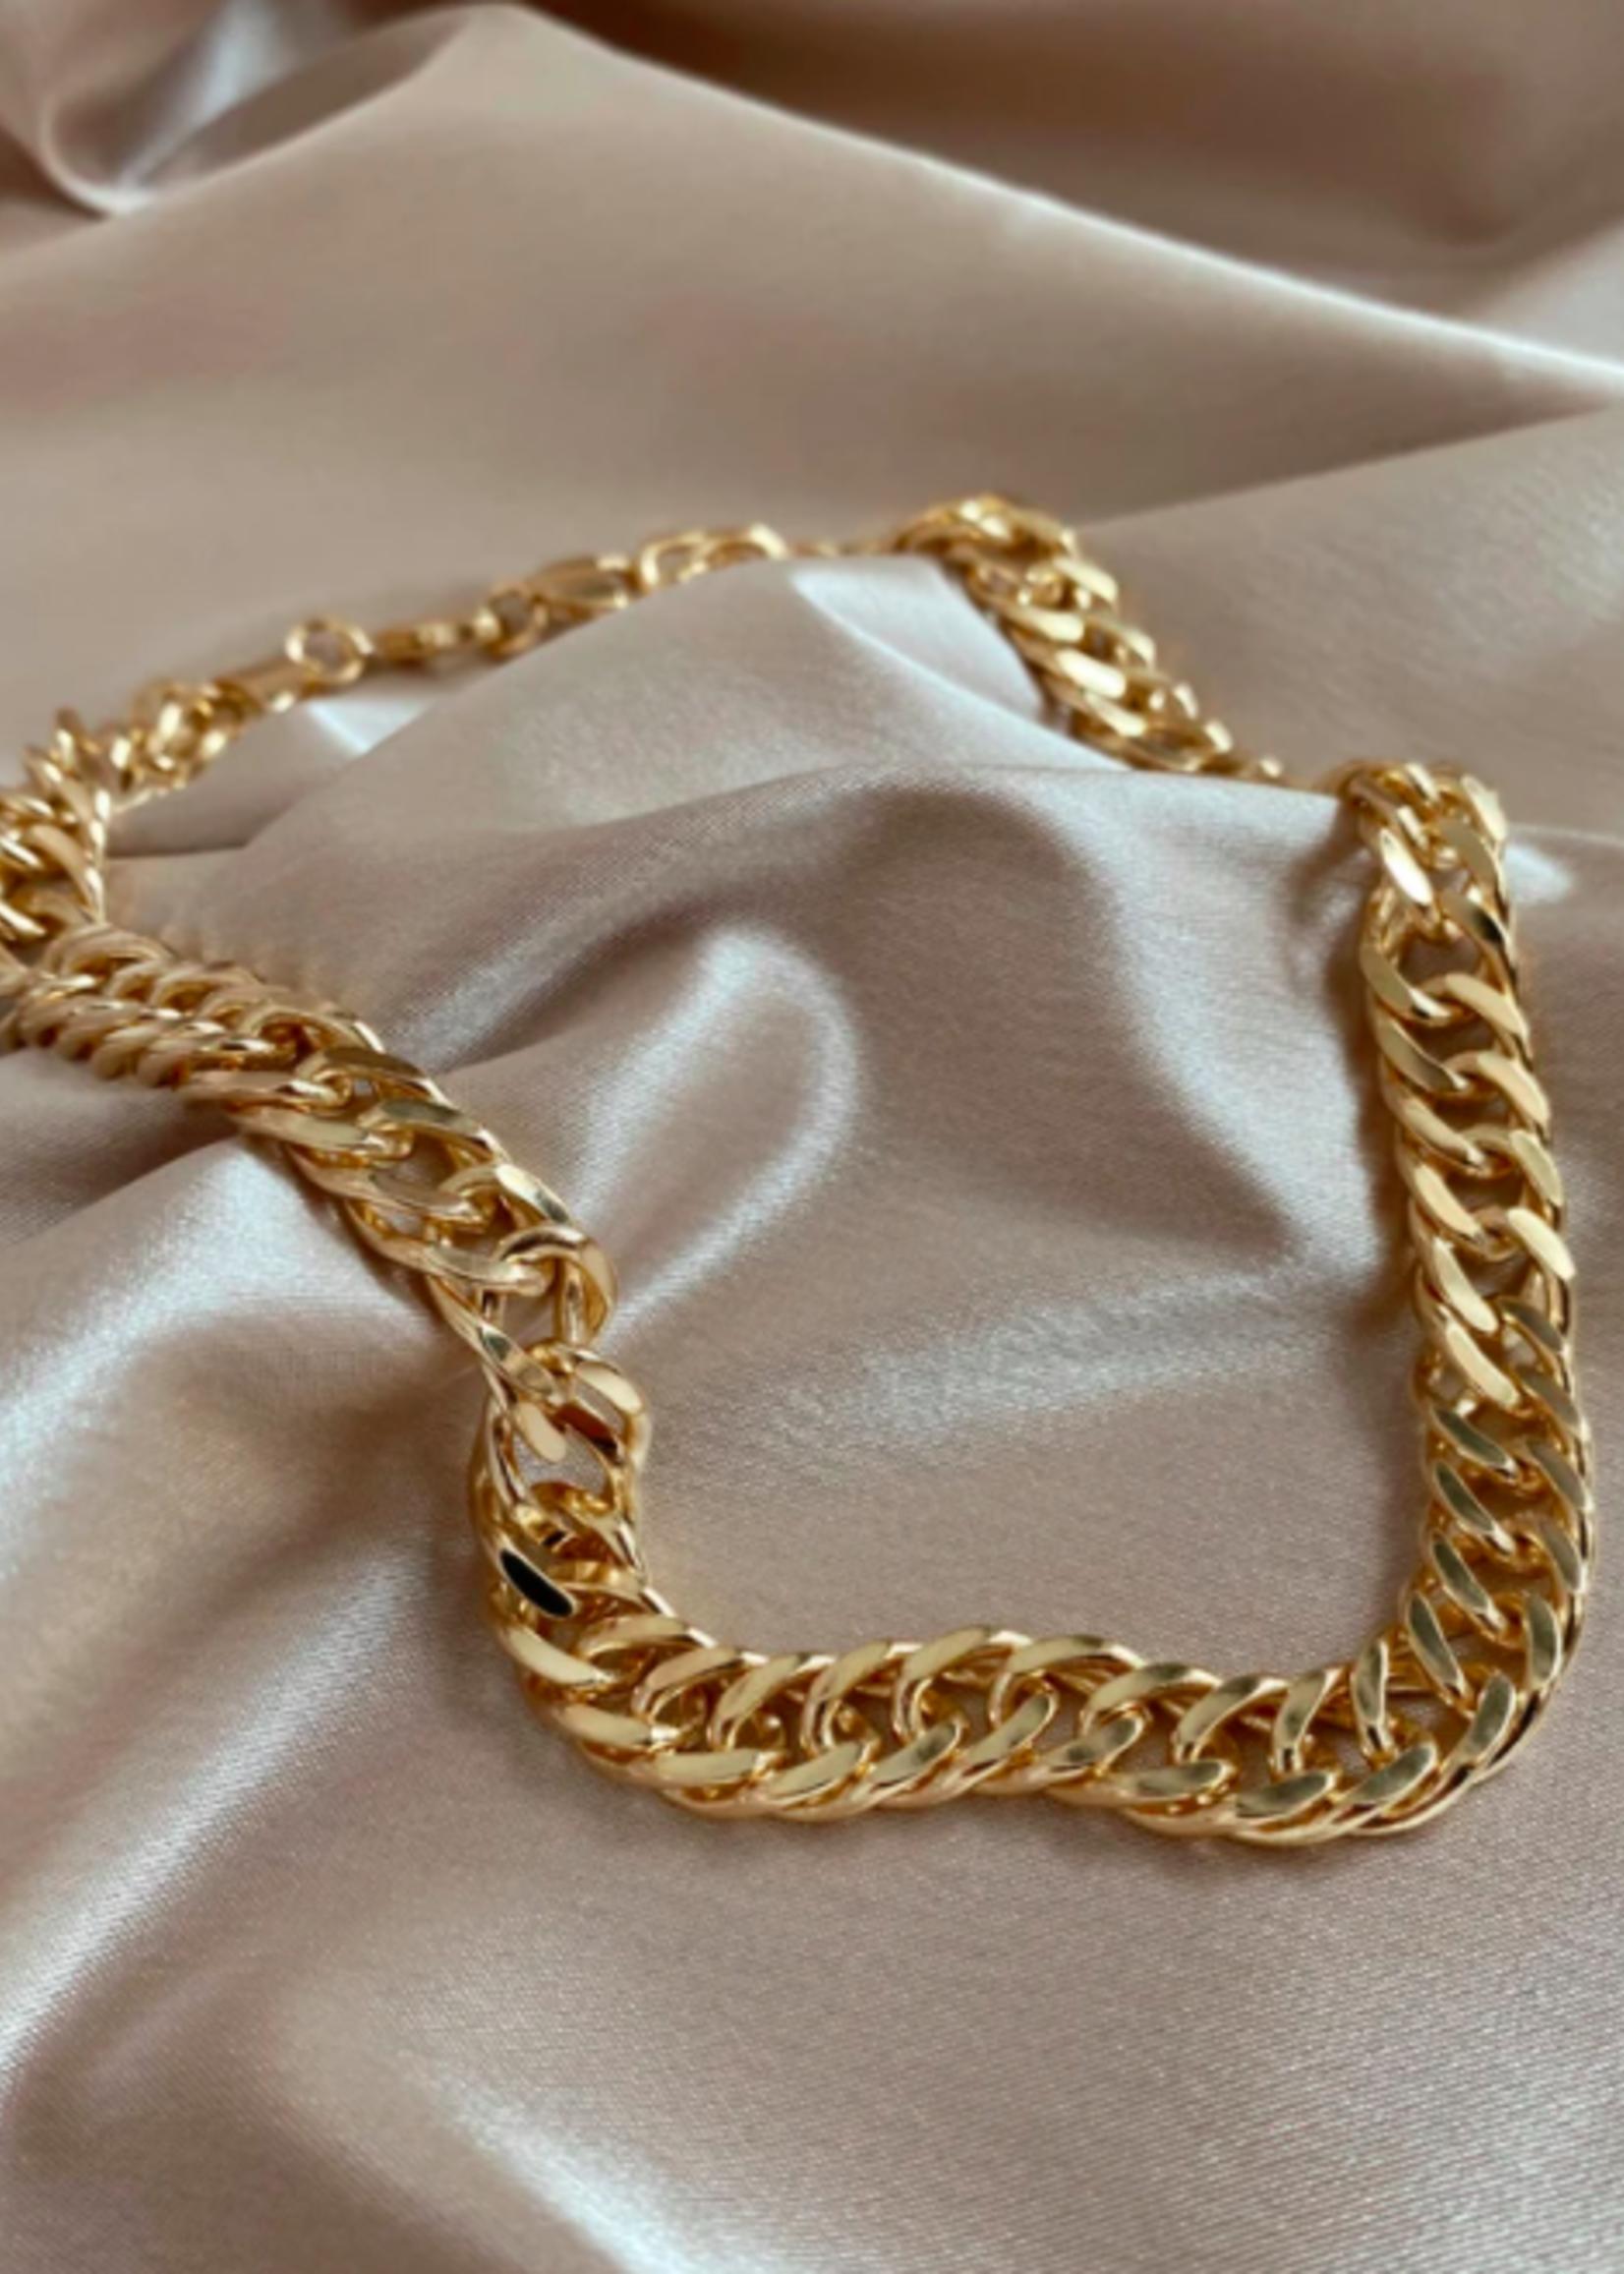 Bofemme Bofemme Paradise Chain Necklace